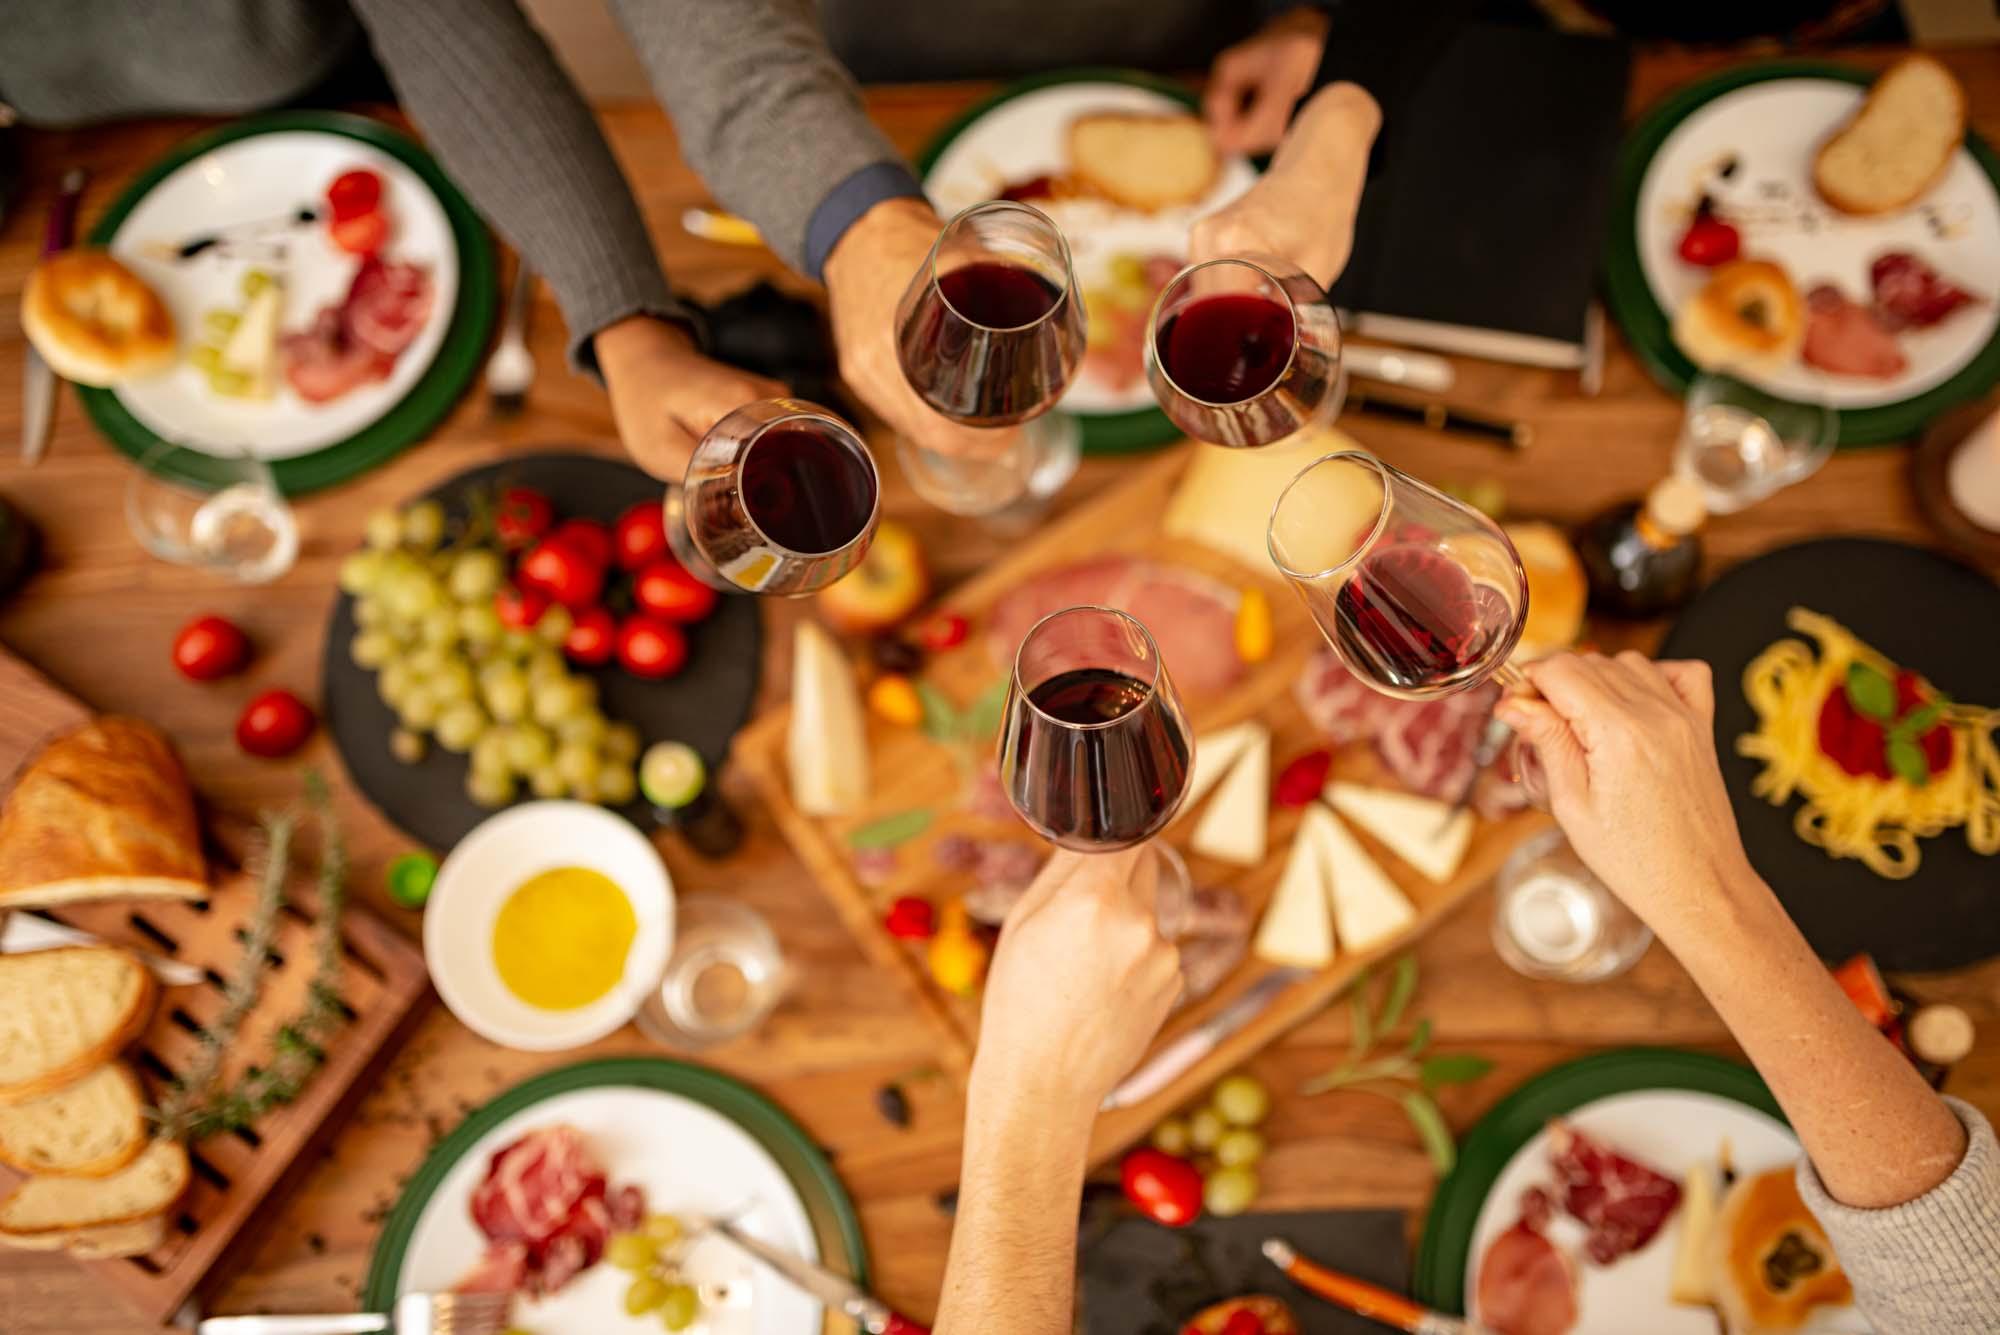 Cucina Amatoriale Cene Aziendali a Trento